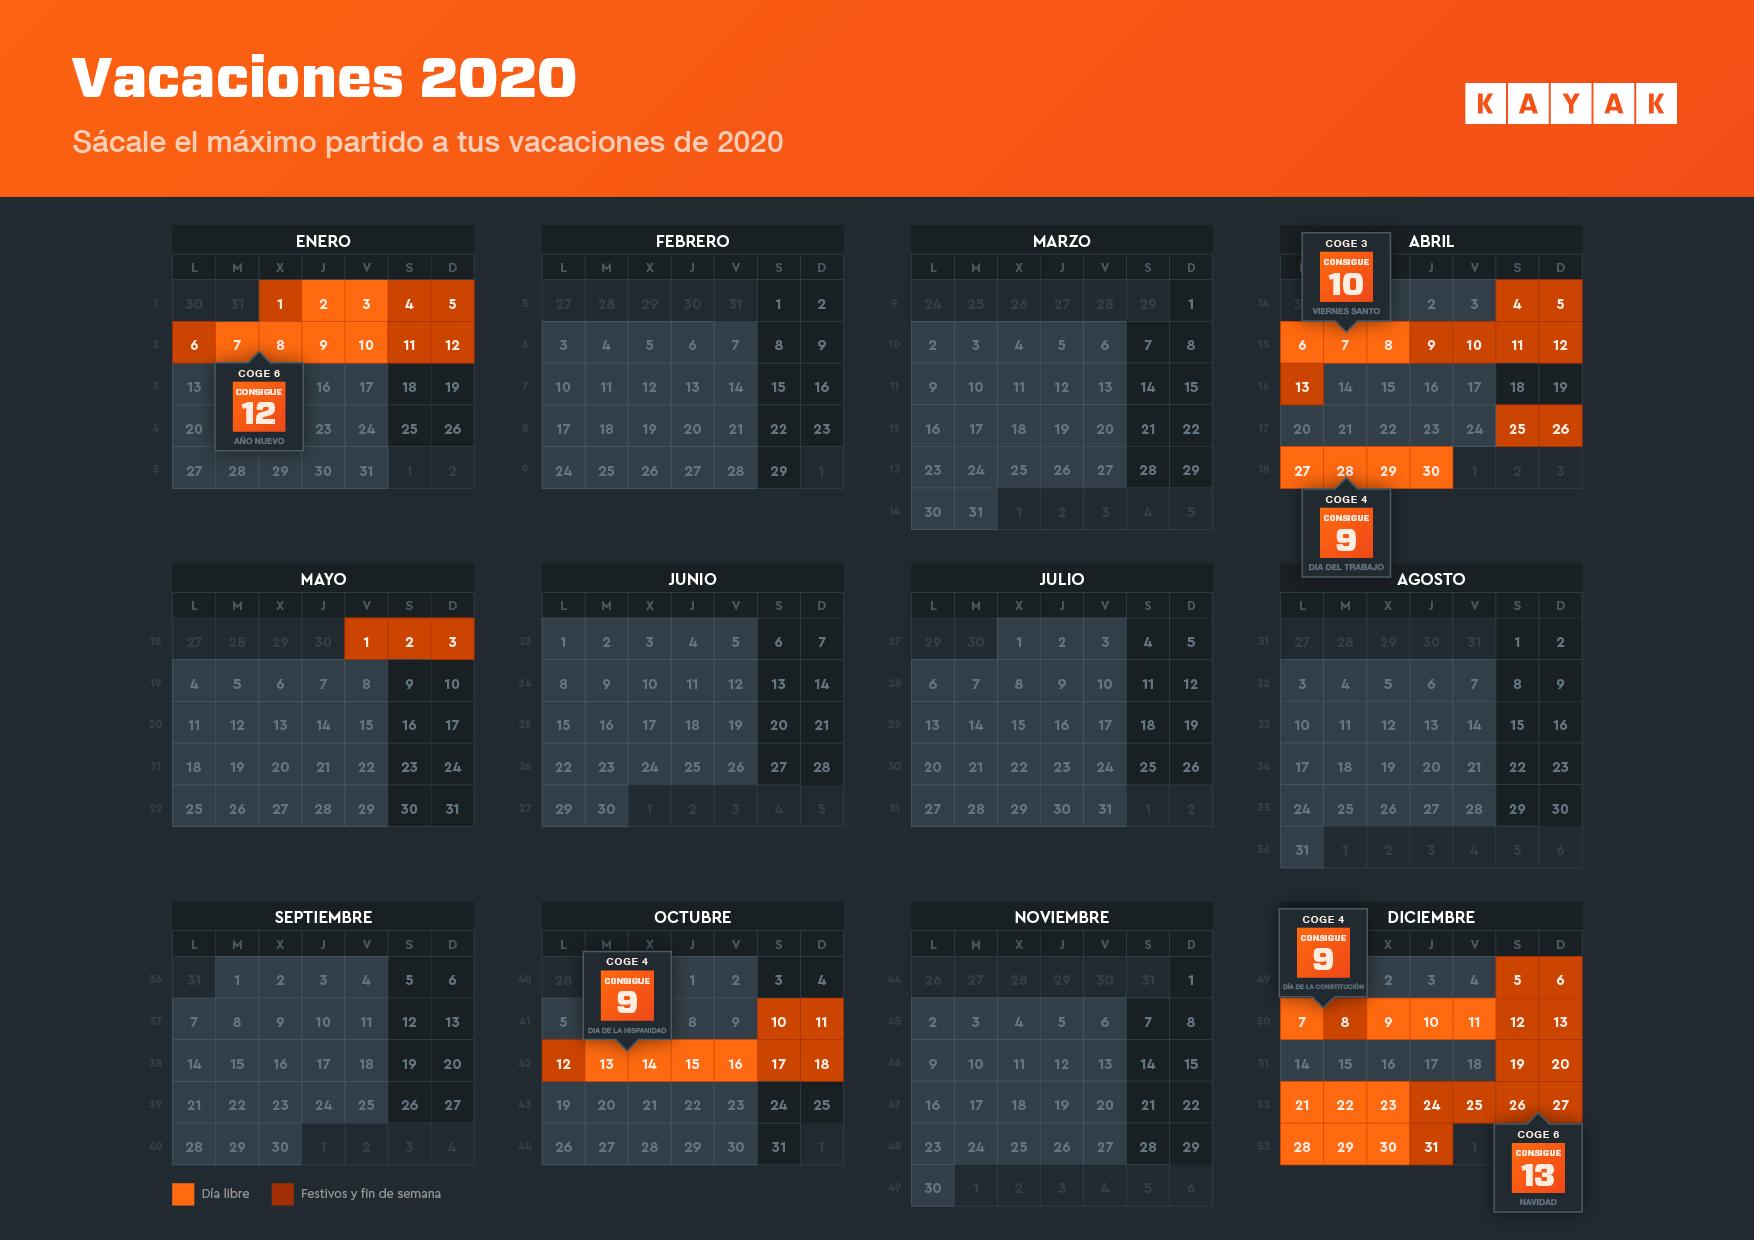 El calendario para tus vacaciones 2020. Descarga tu calendario.